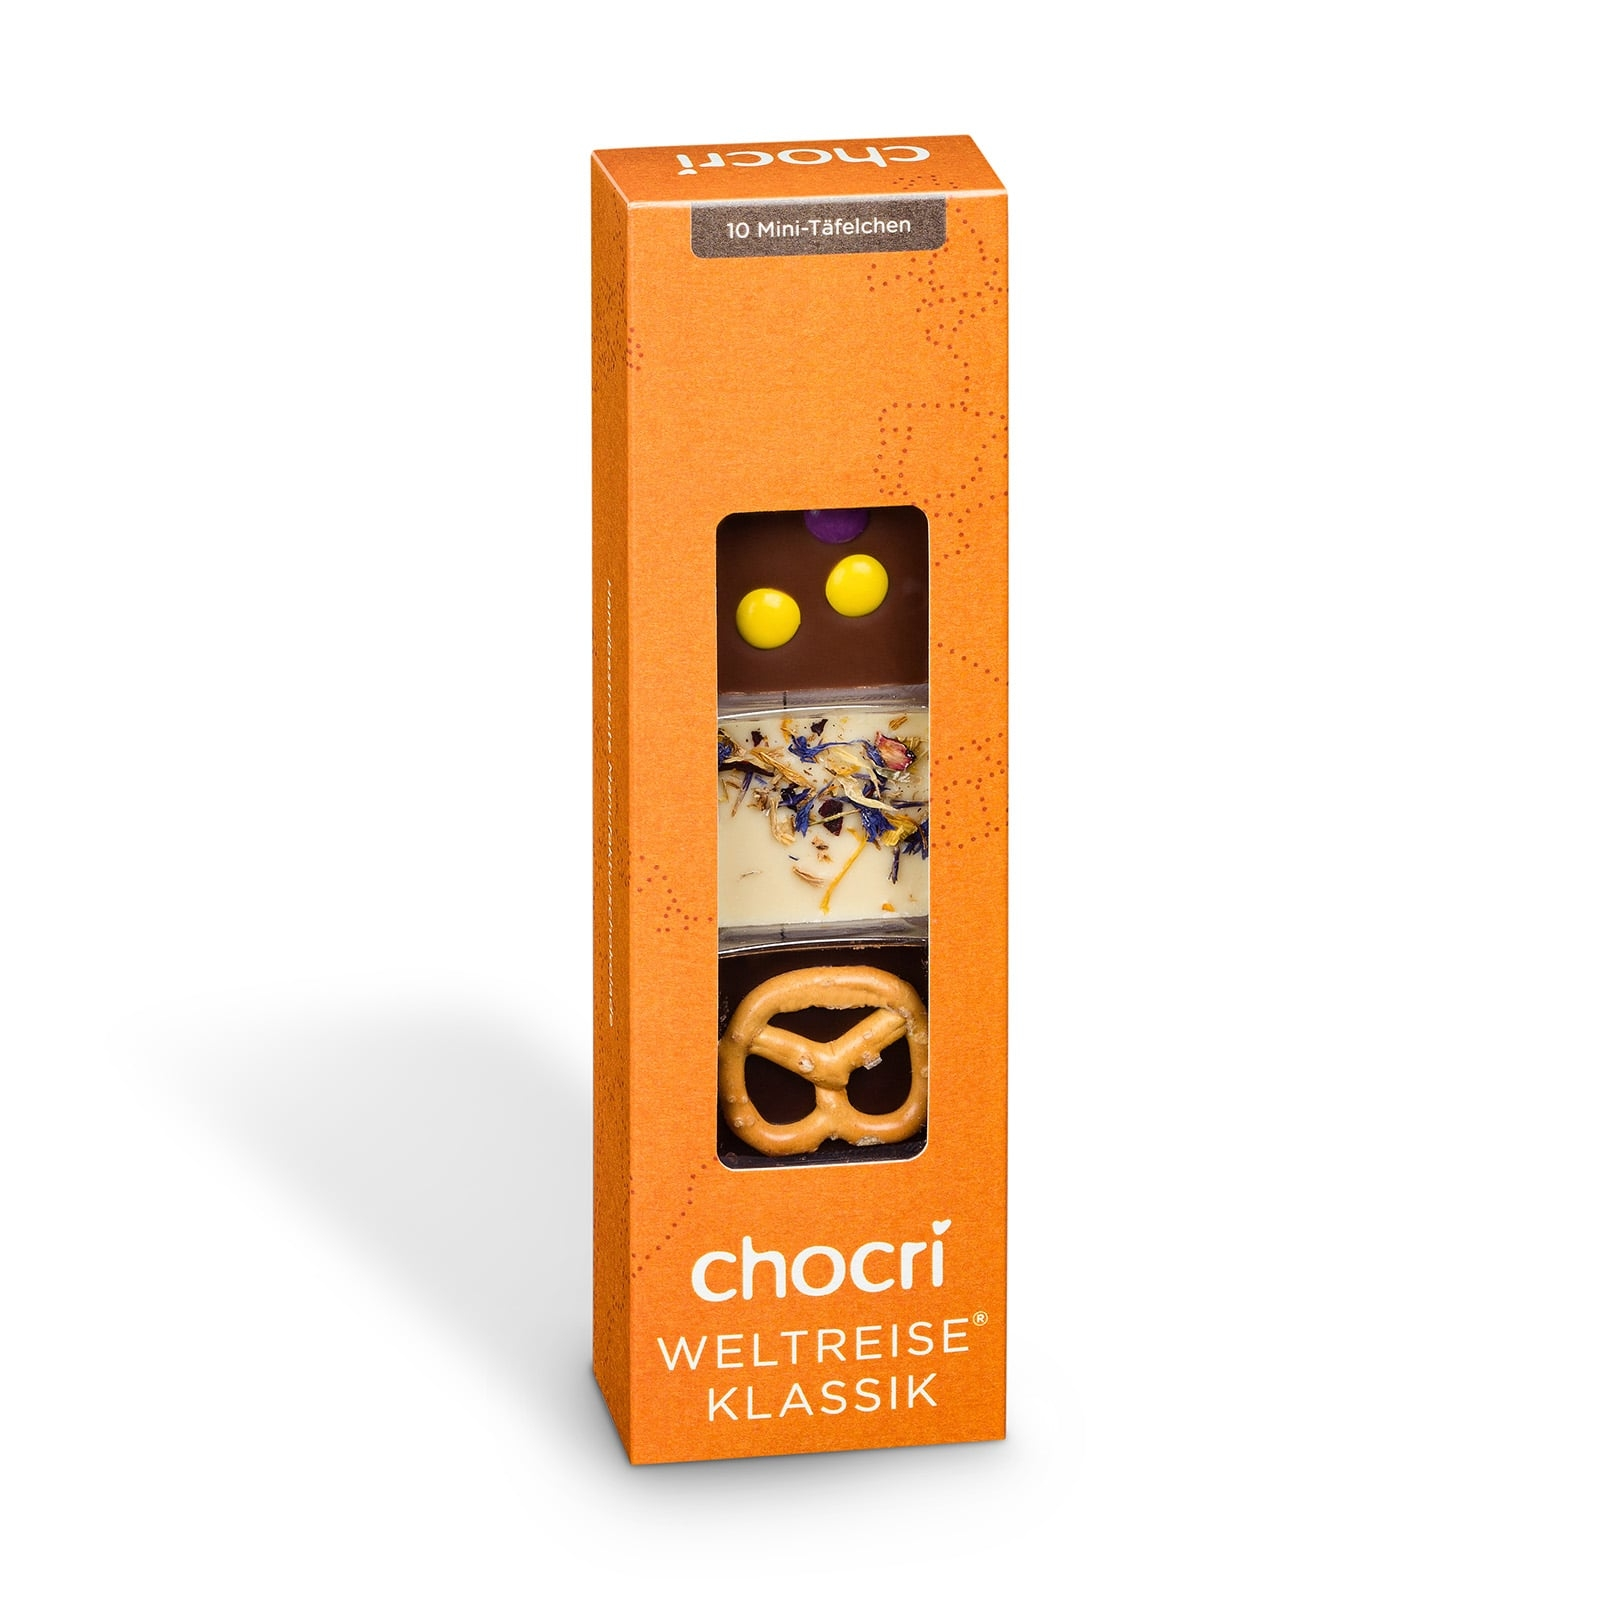 Köstlichsüsses - chocri 'Kleine Weltreise®' Mini Schokoladentafeln - Onlineshop Chocri